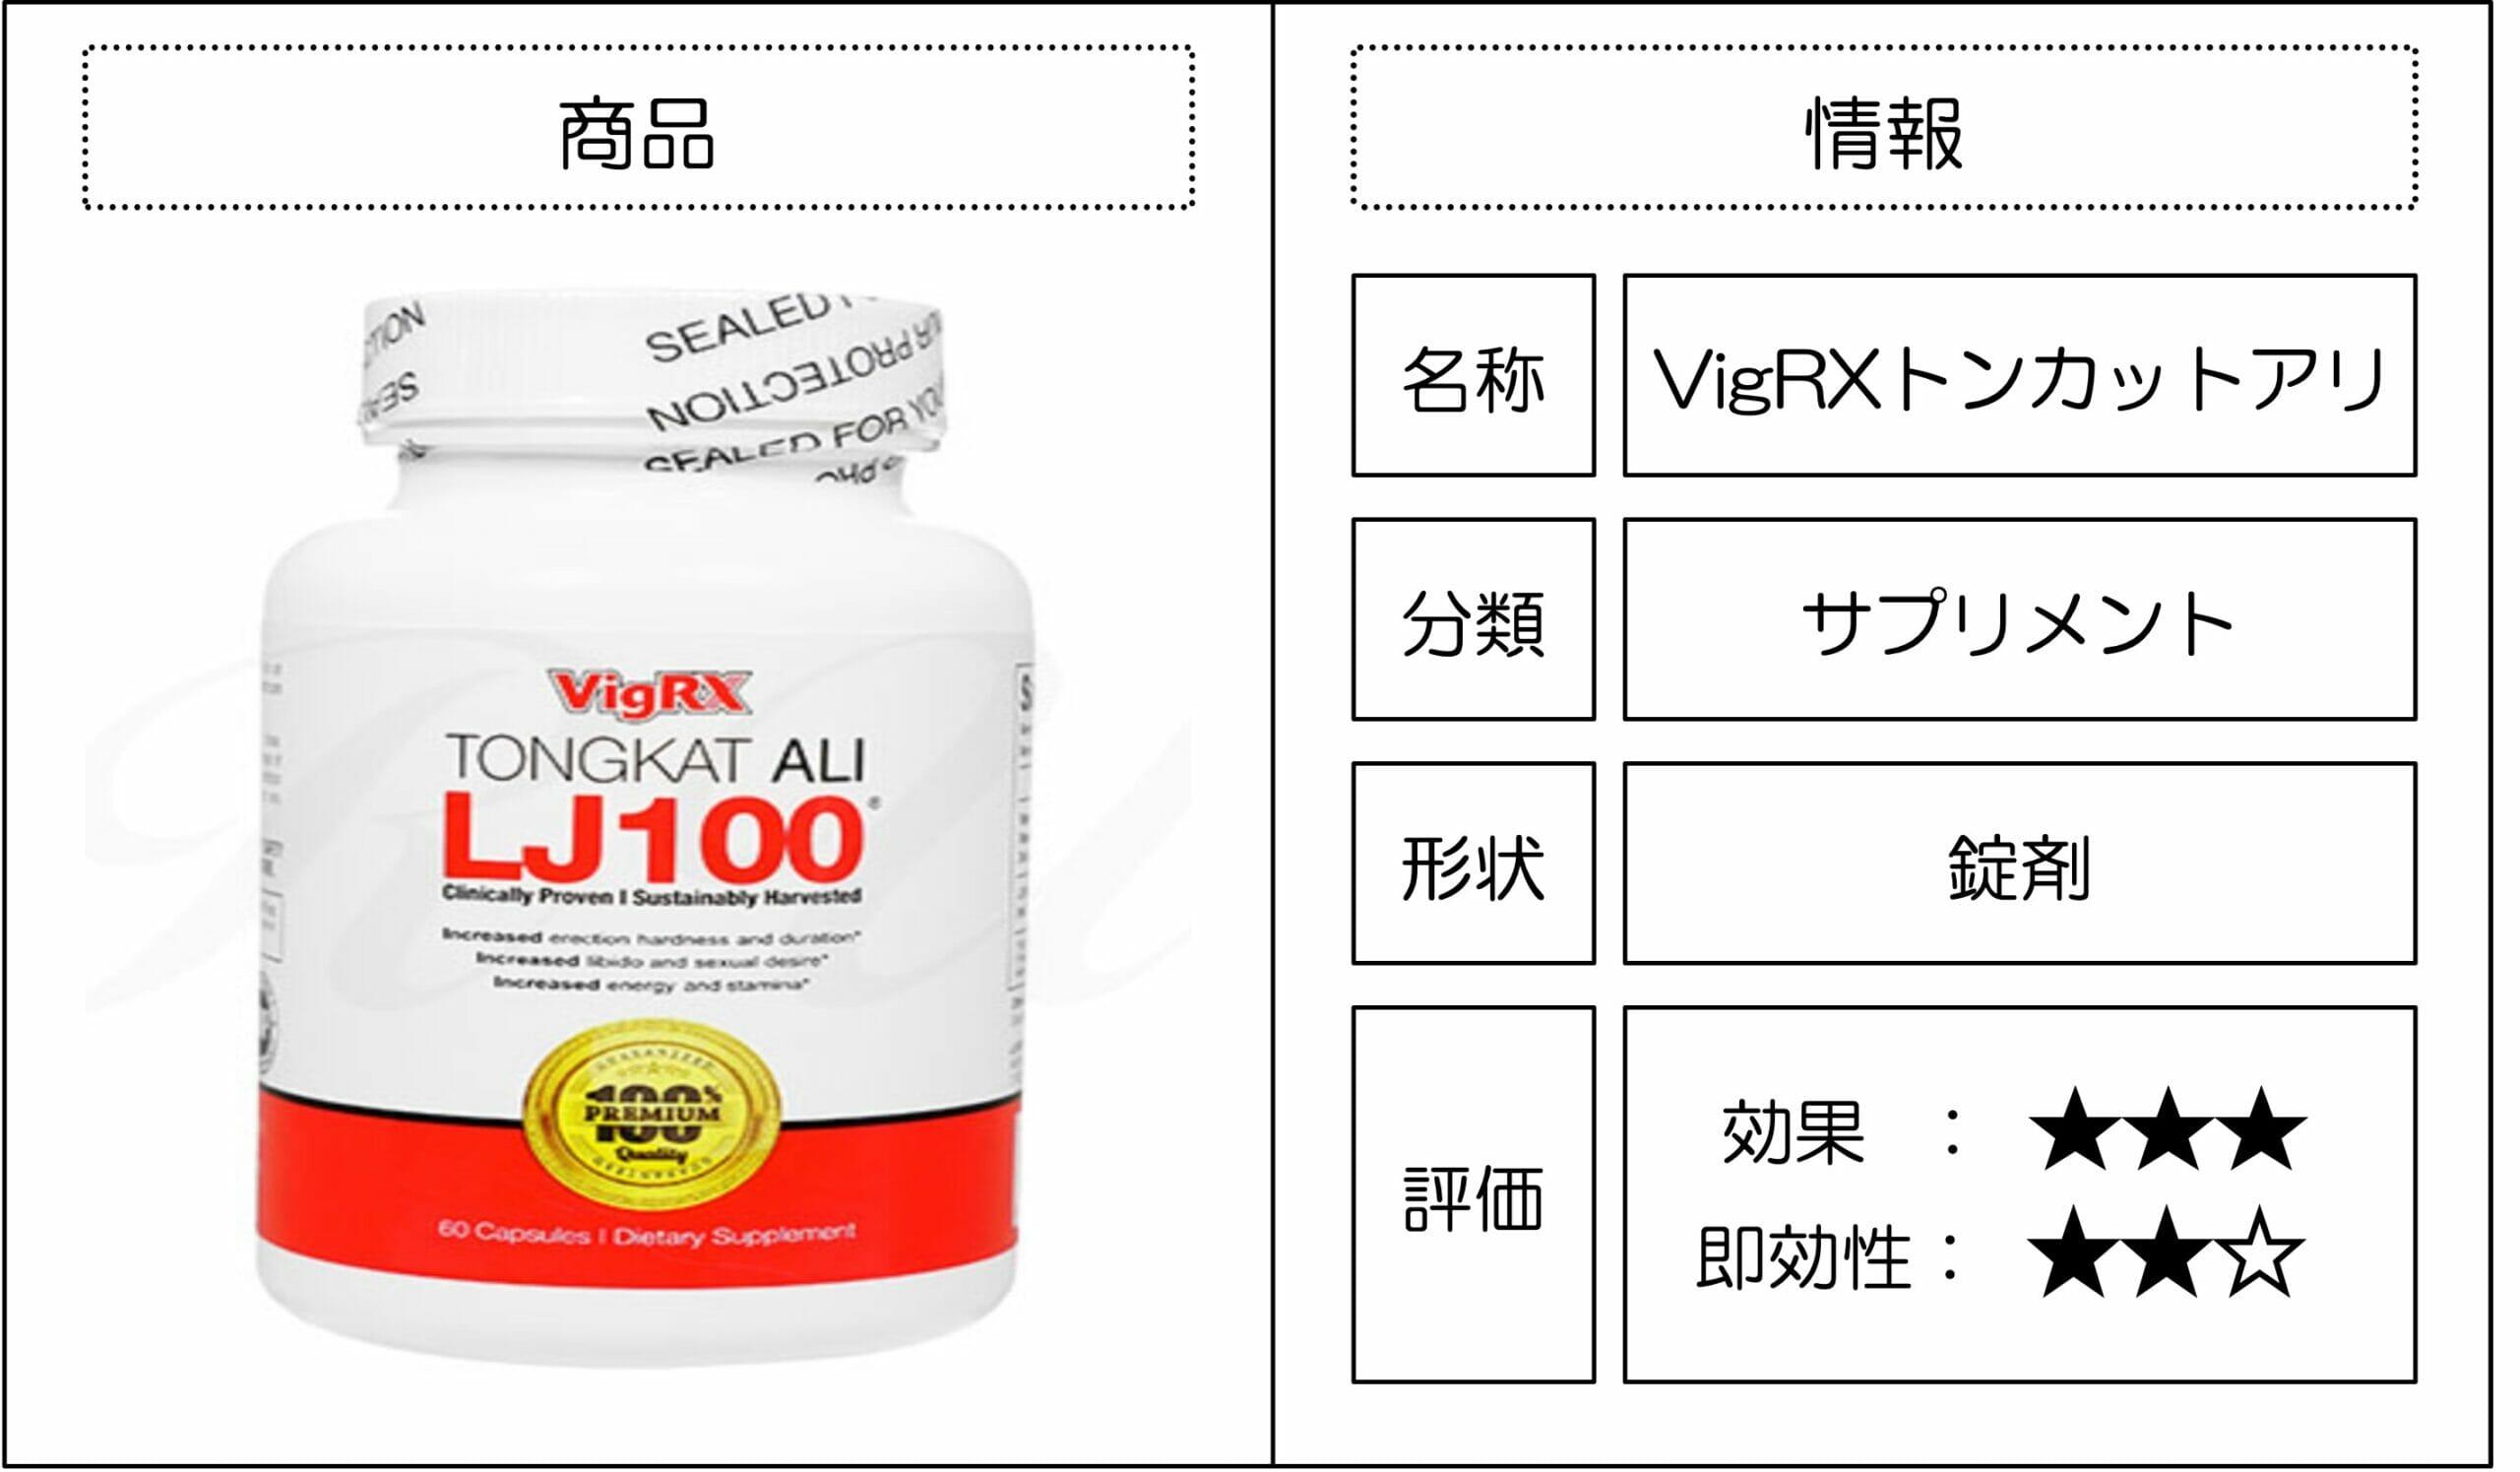 精力剤 VigRX